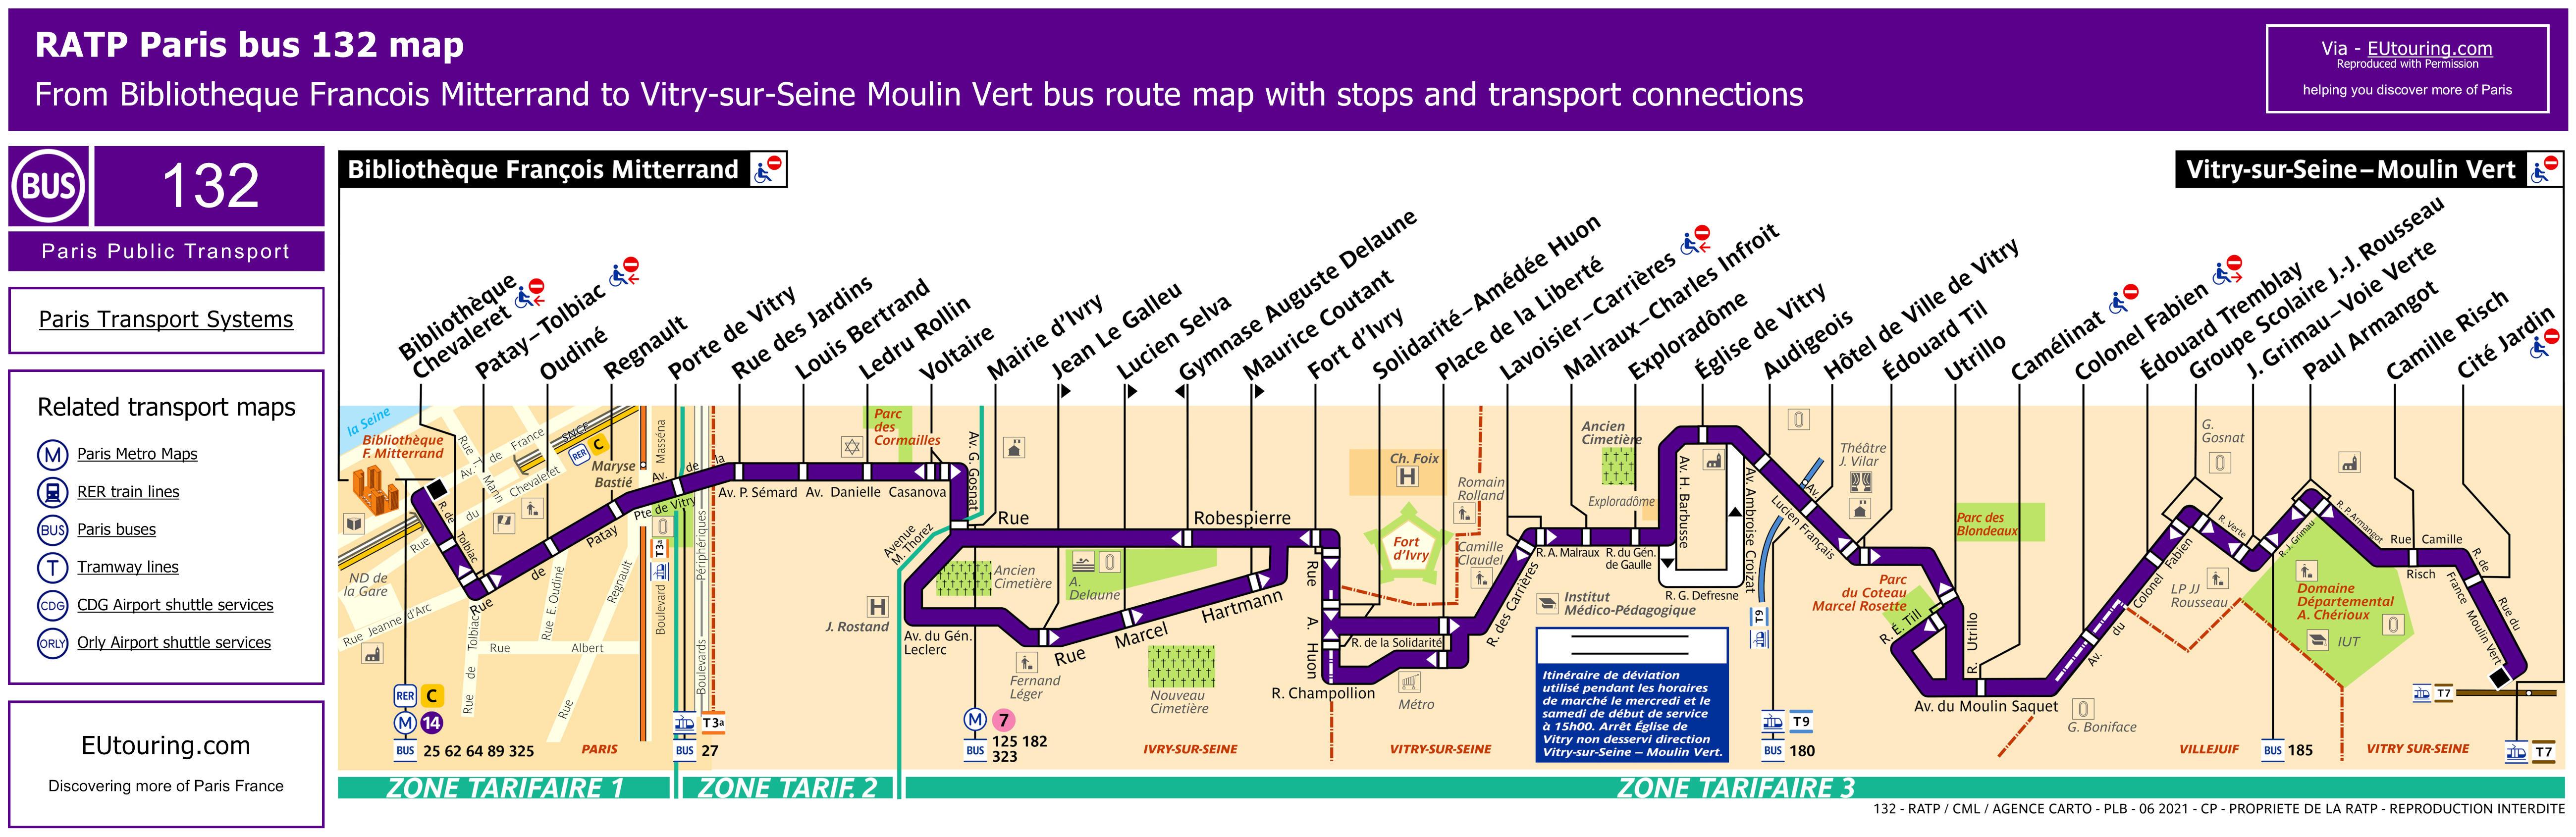 Ratp Bus Maps Timetables For Paris Bus Lines 130 To 139